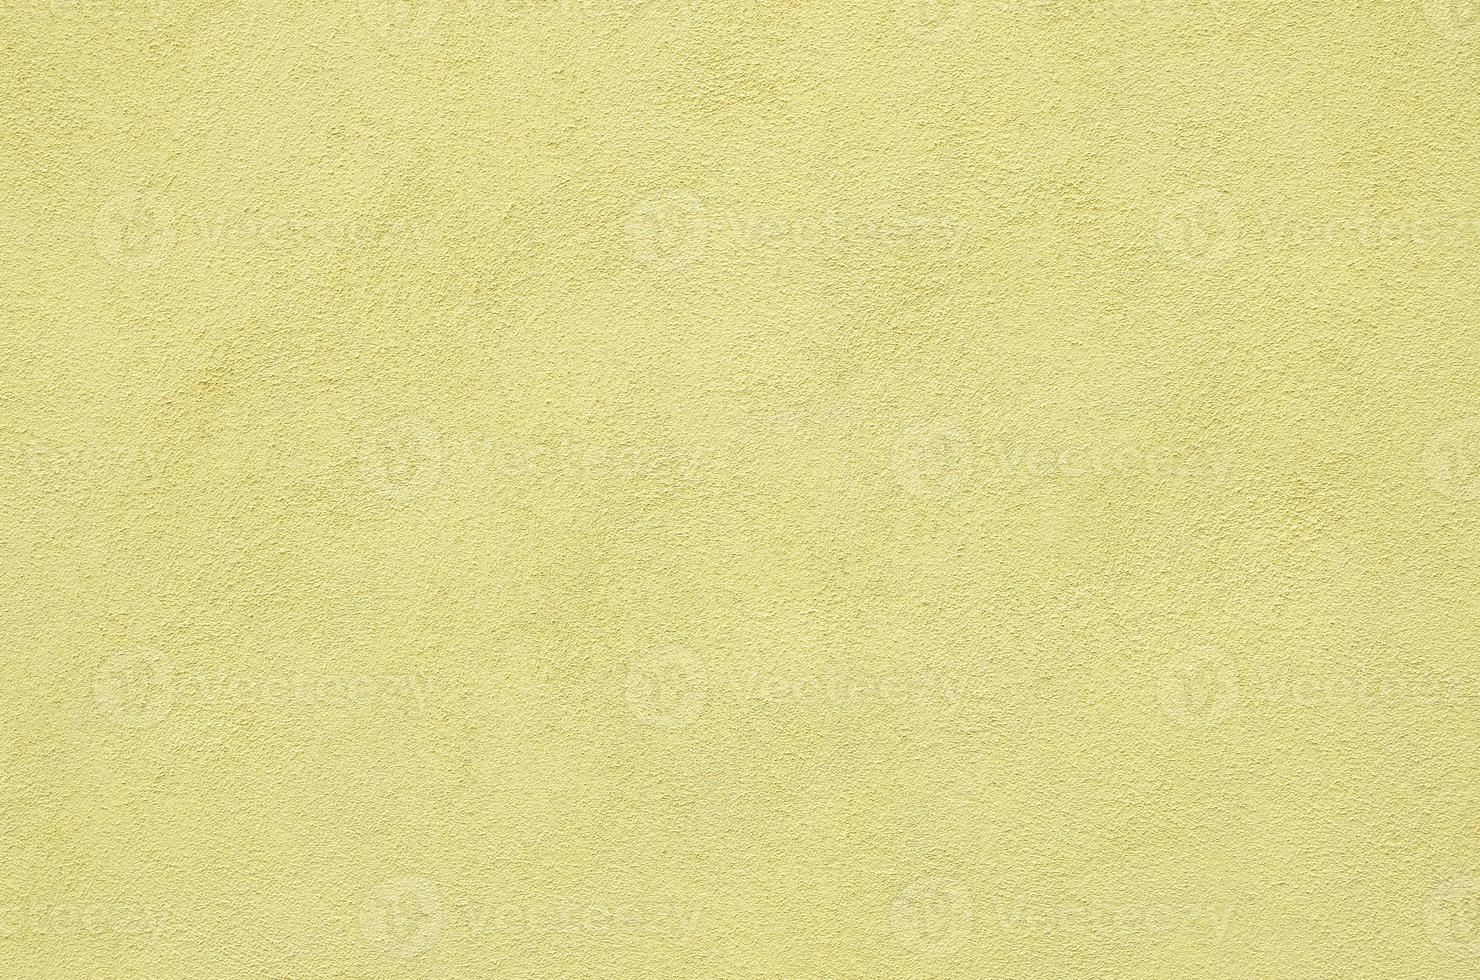 parede amarela foto